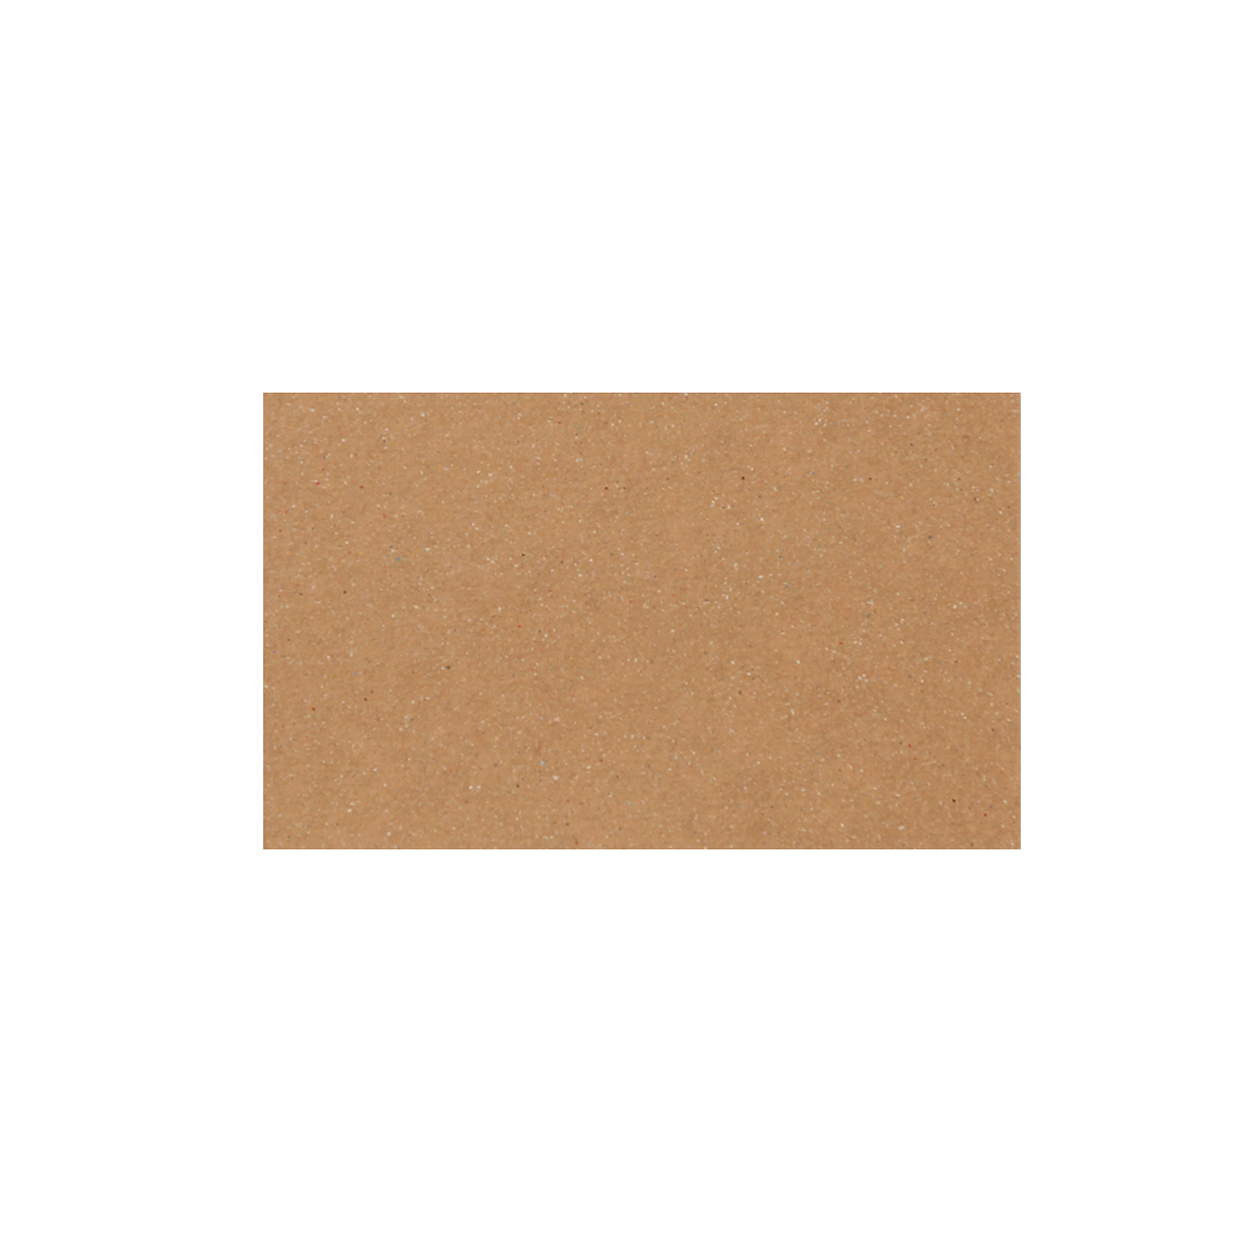 ネームカード ボード紙 チョコレート 450g